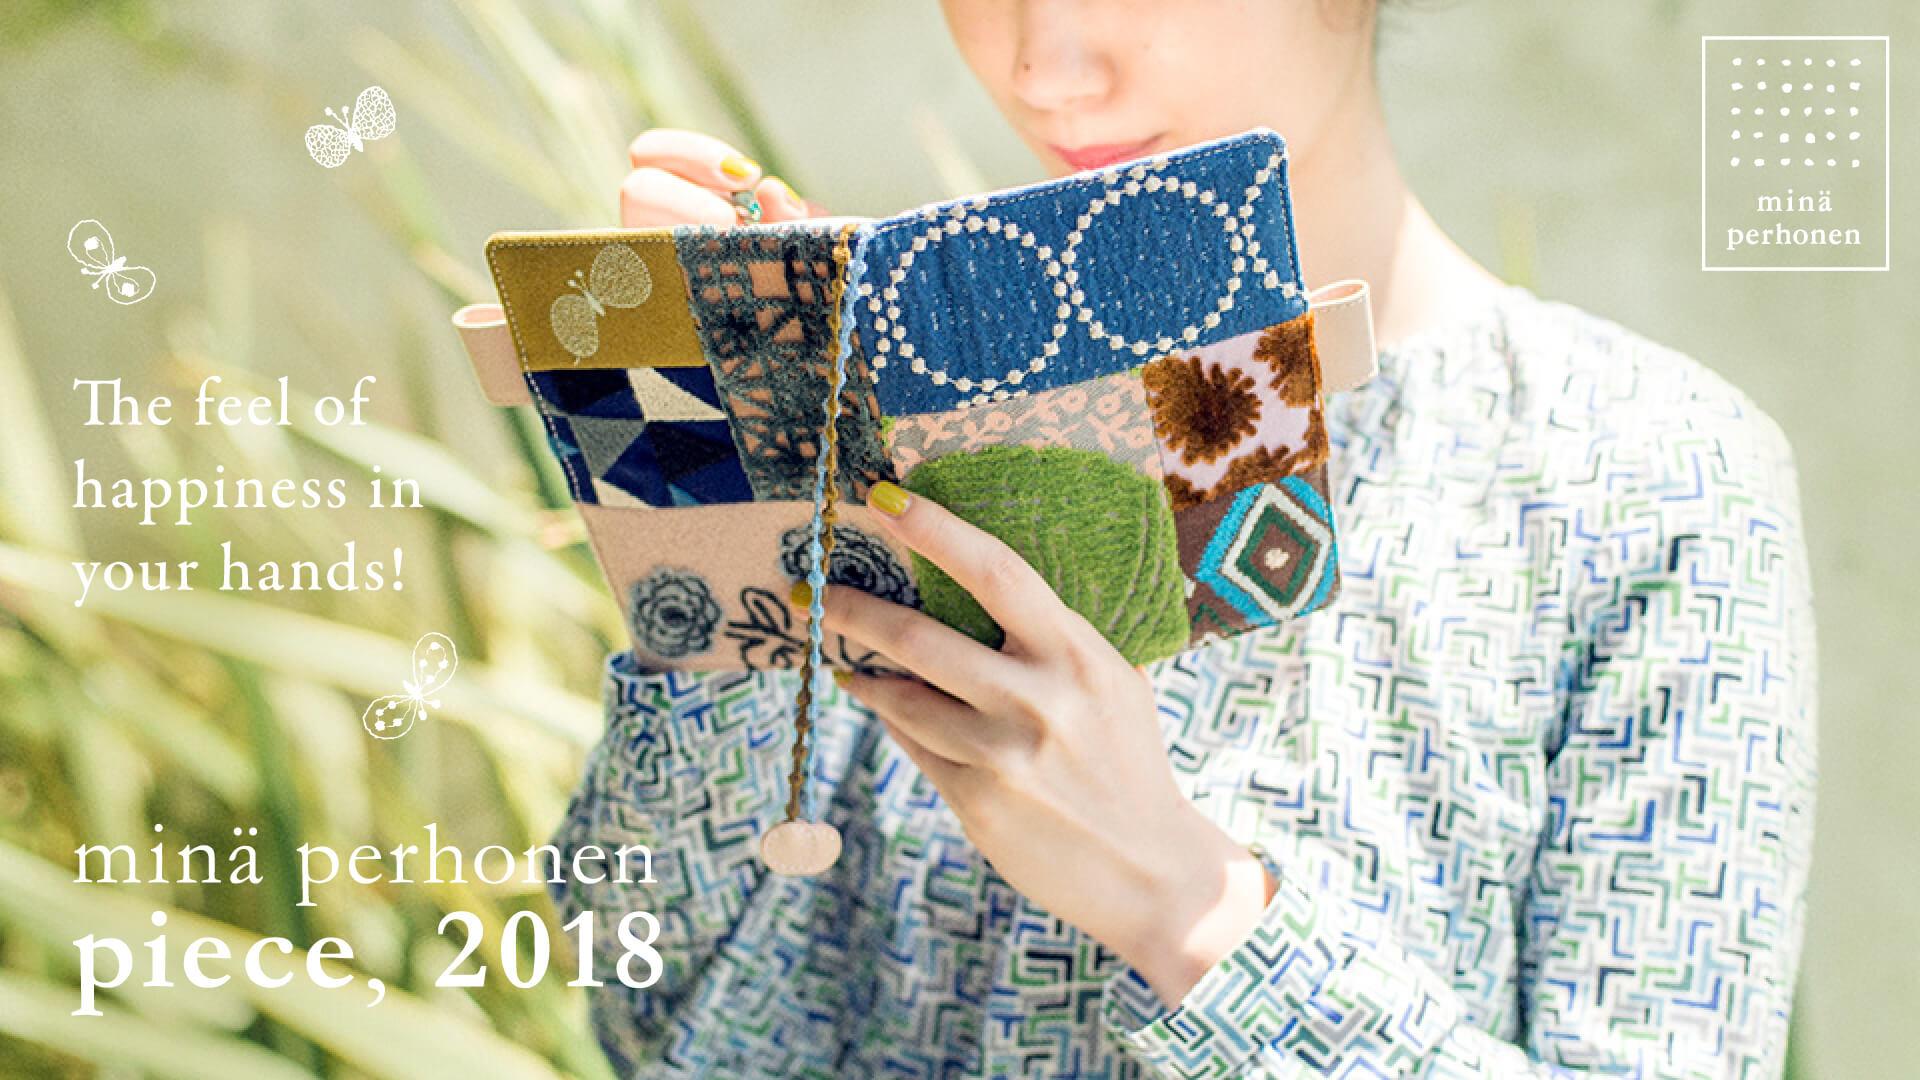 minä perhonen piece, Lottery Sales - Hobo Nikkan Itoi Shinbun